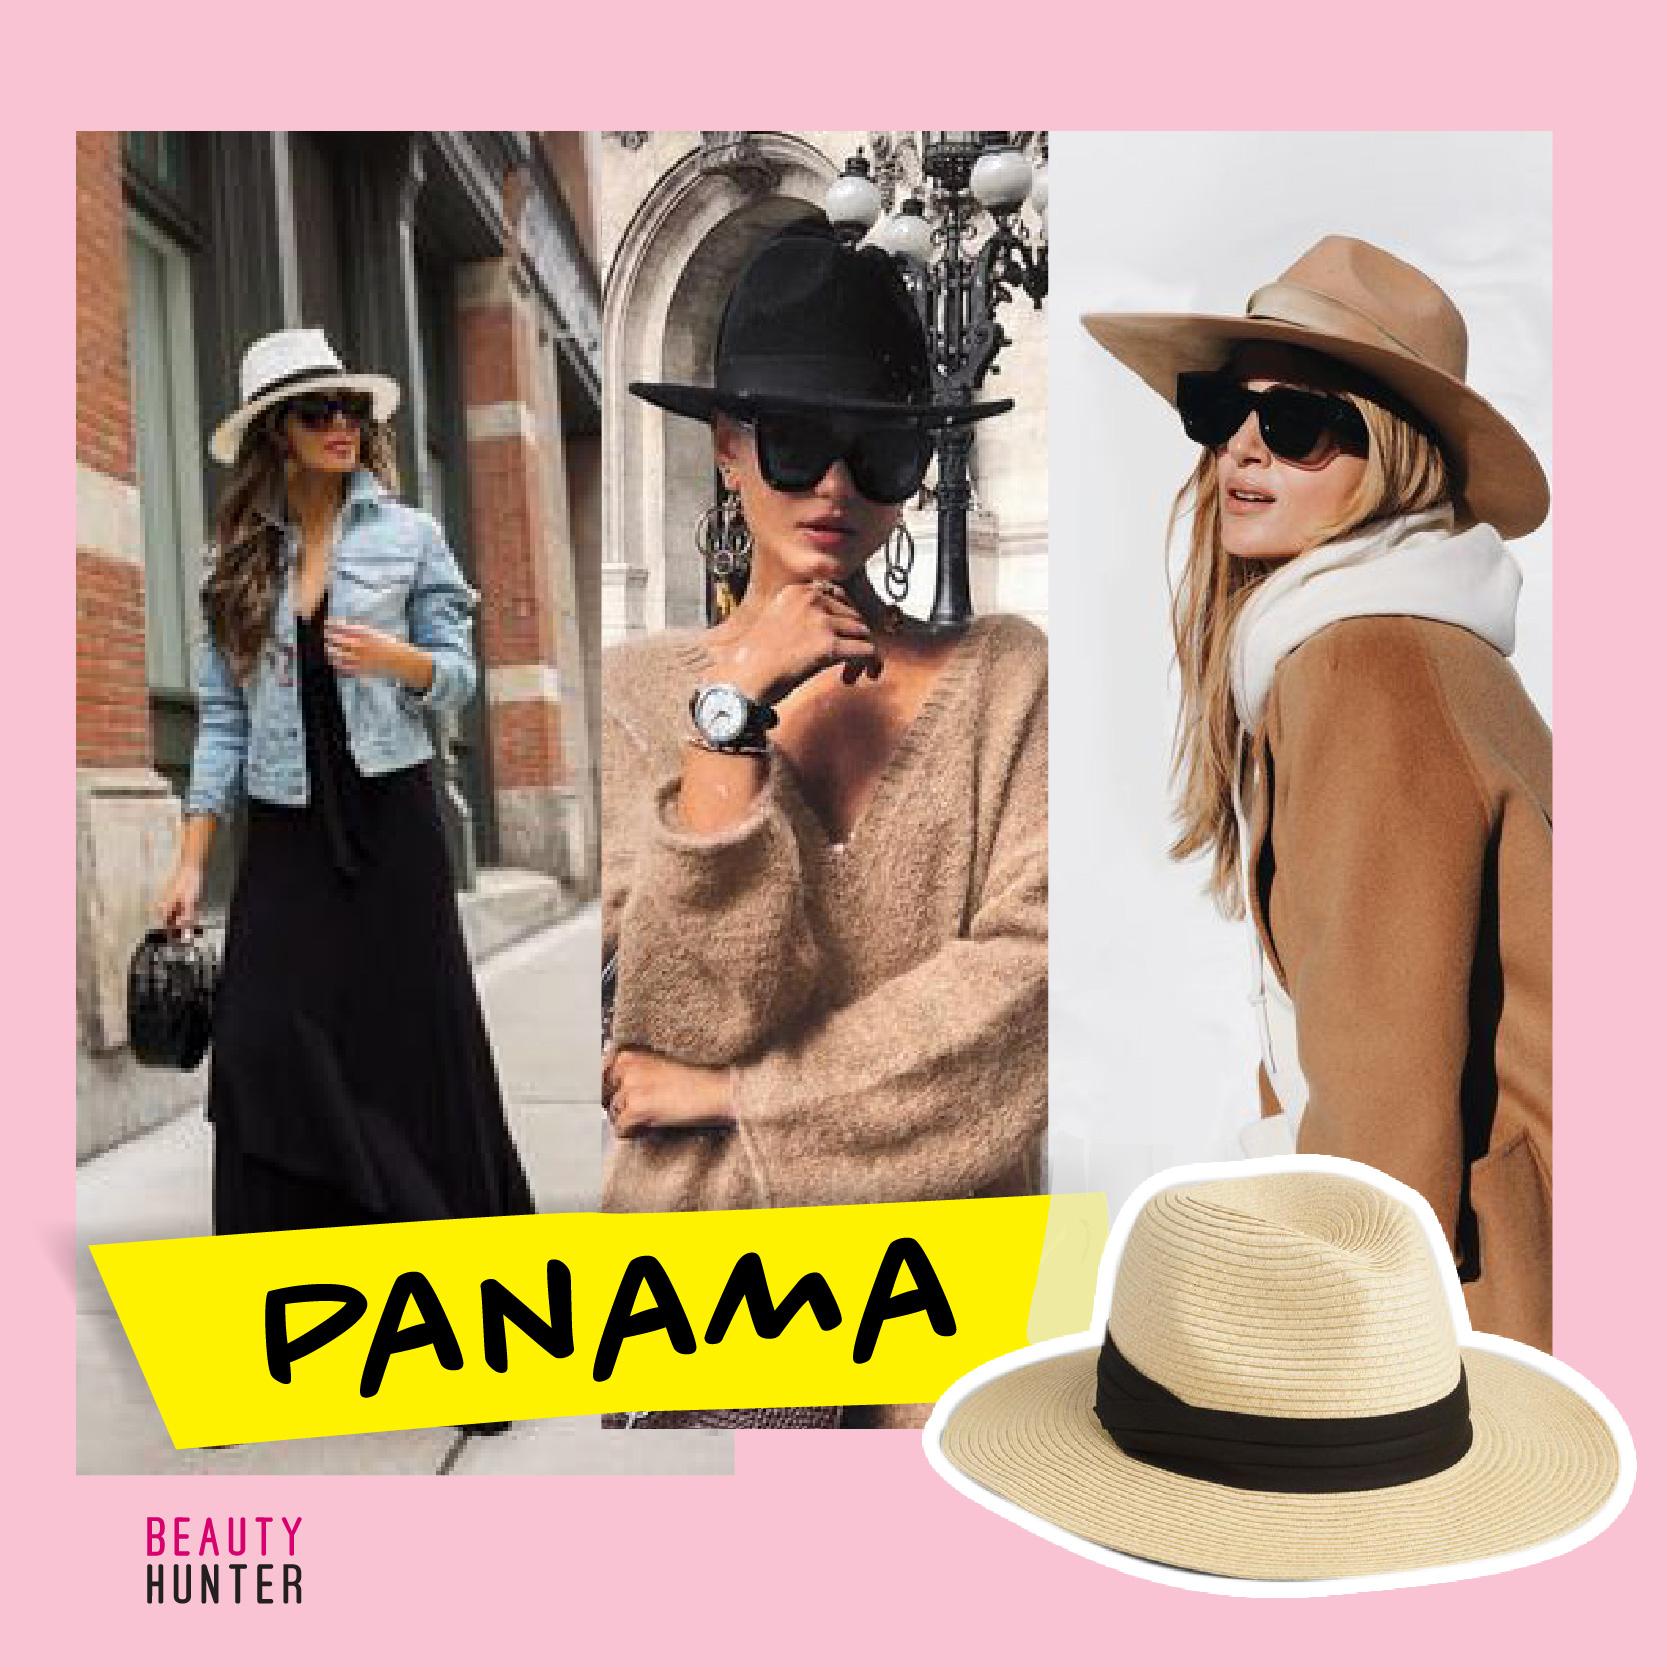 หมวก ปานามา panama